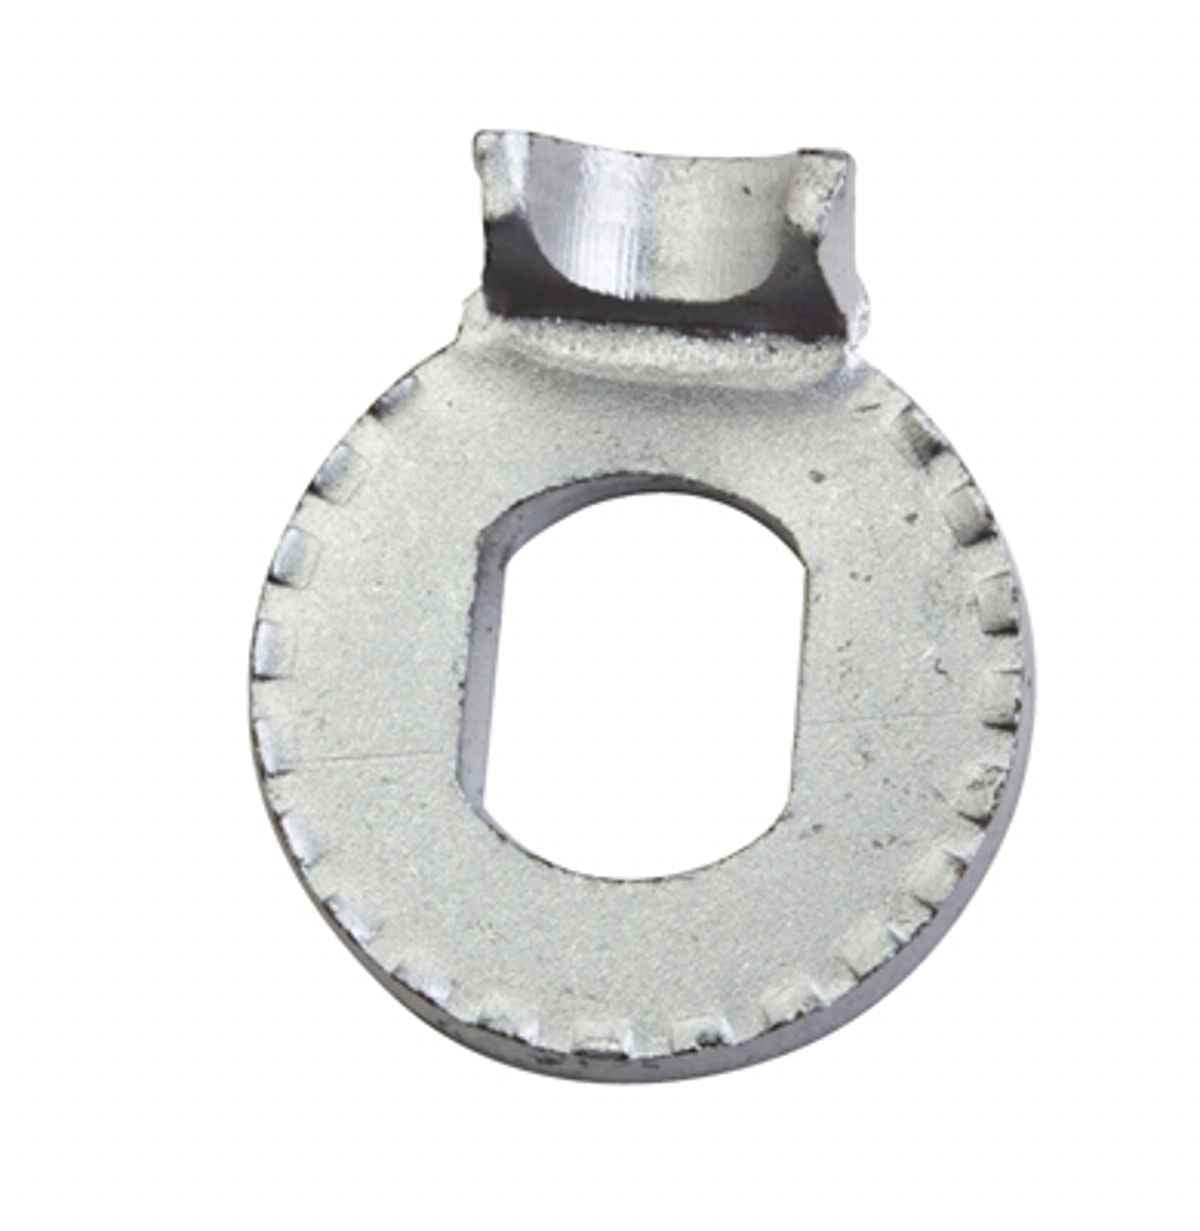 HMW534.0002.0P Sturmey Archer Vertical Dropout Lockwashers 2